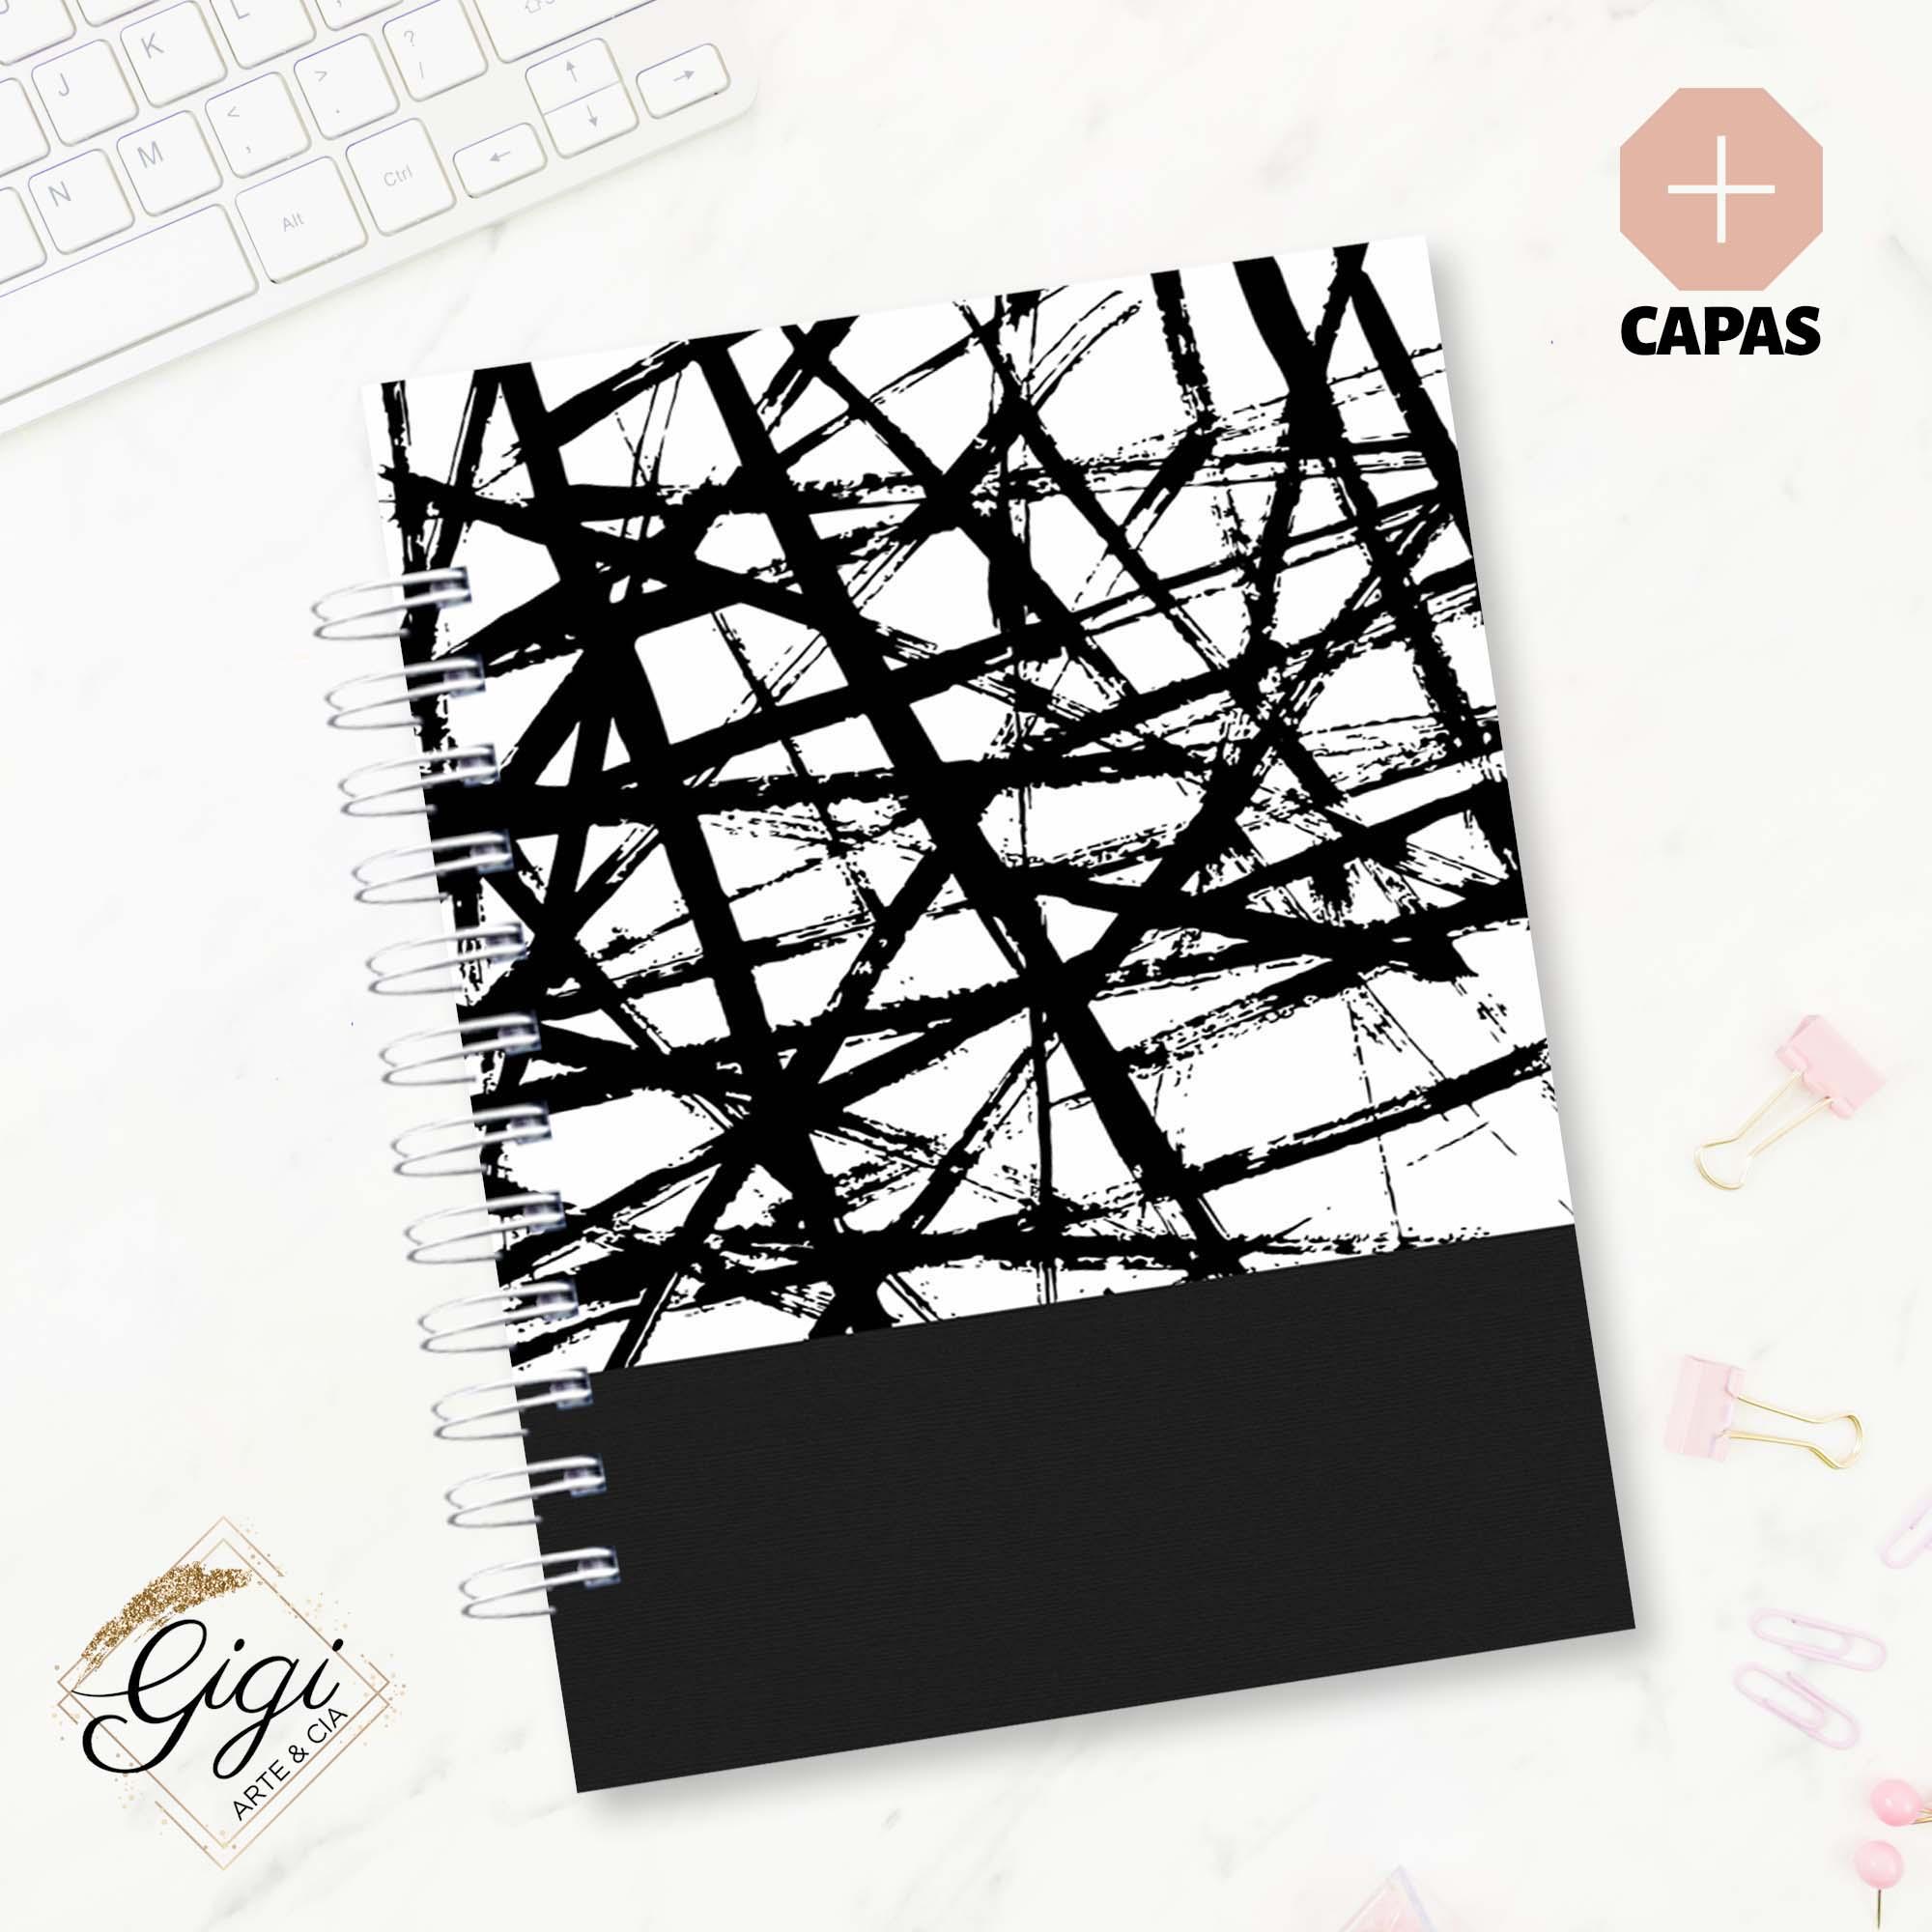 Caderno de Universitário - Preto & Branco  - Petit Palais de Papier